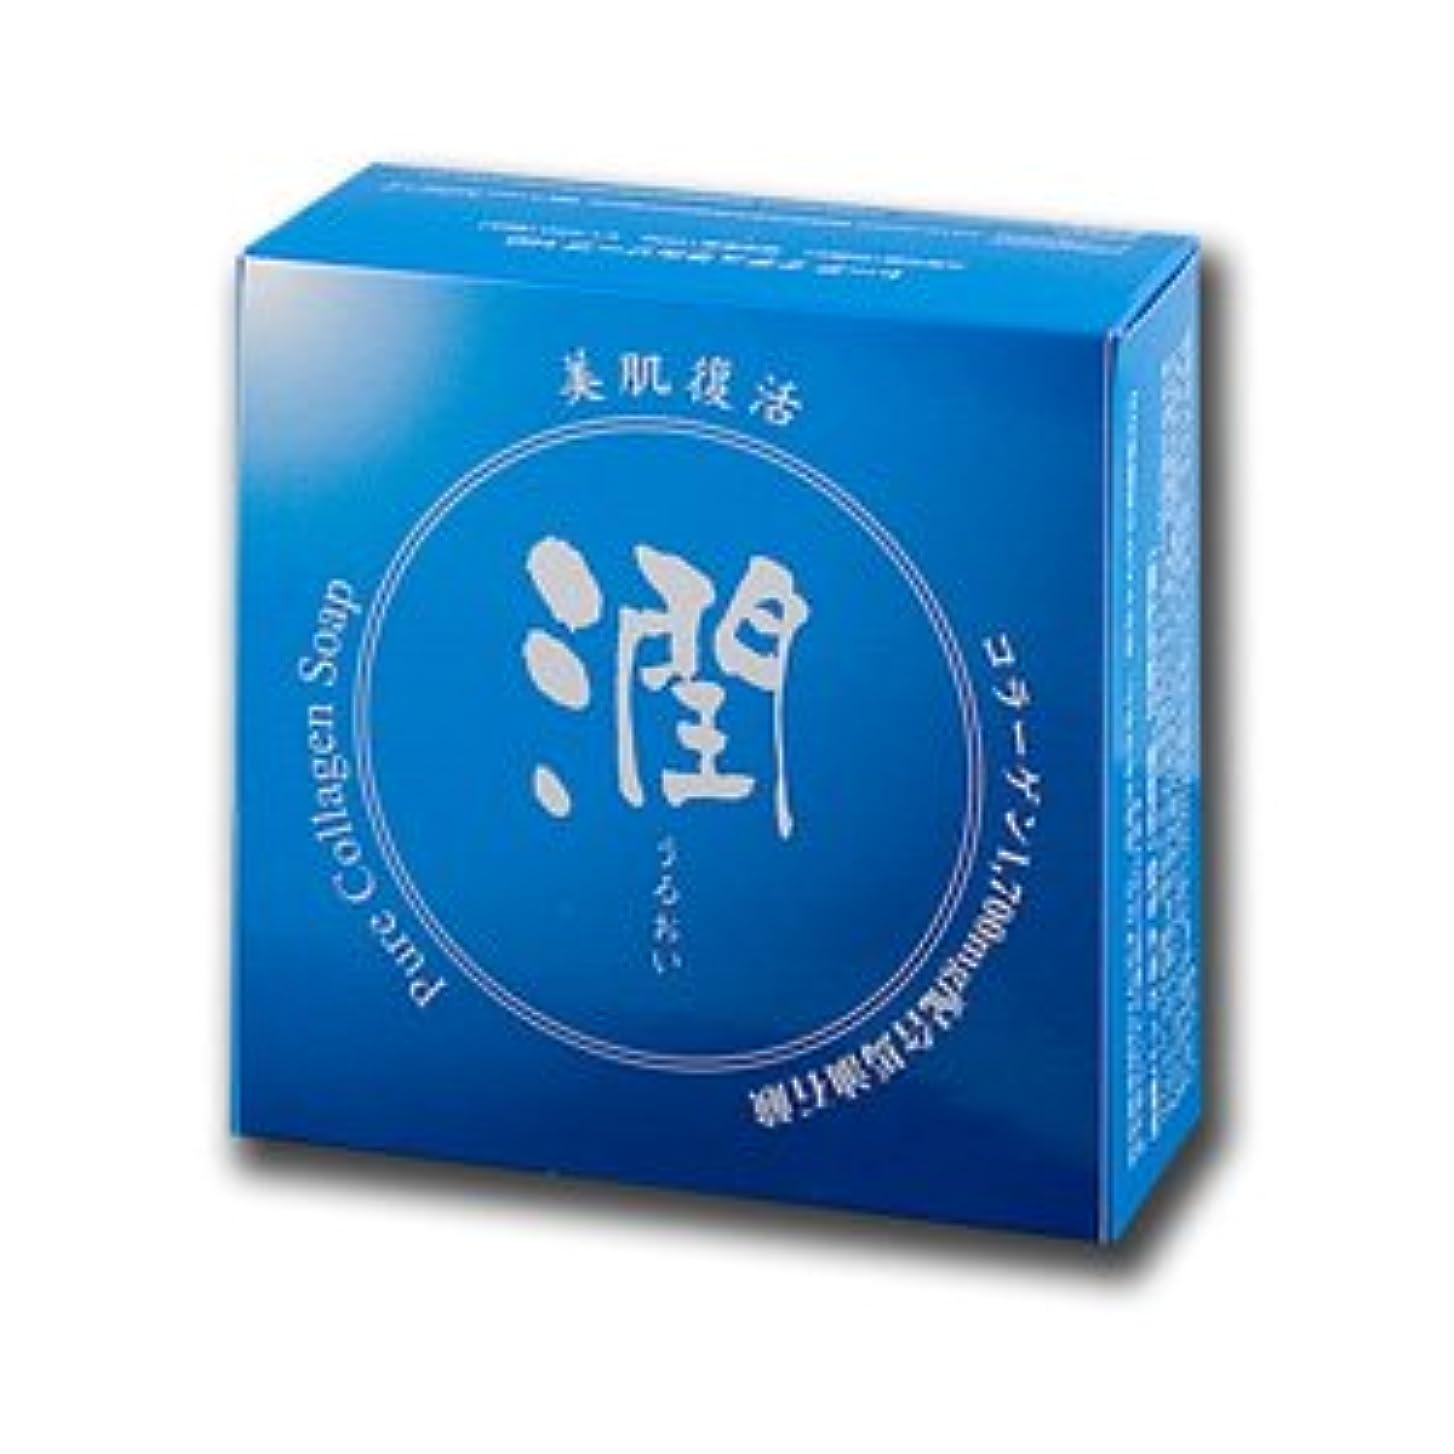 役割完璧こしょうコラーゲン馬油石鹸 潤 100g (#800410) ×3個セット